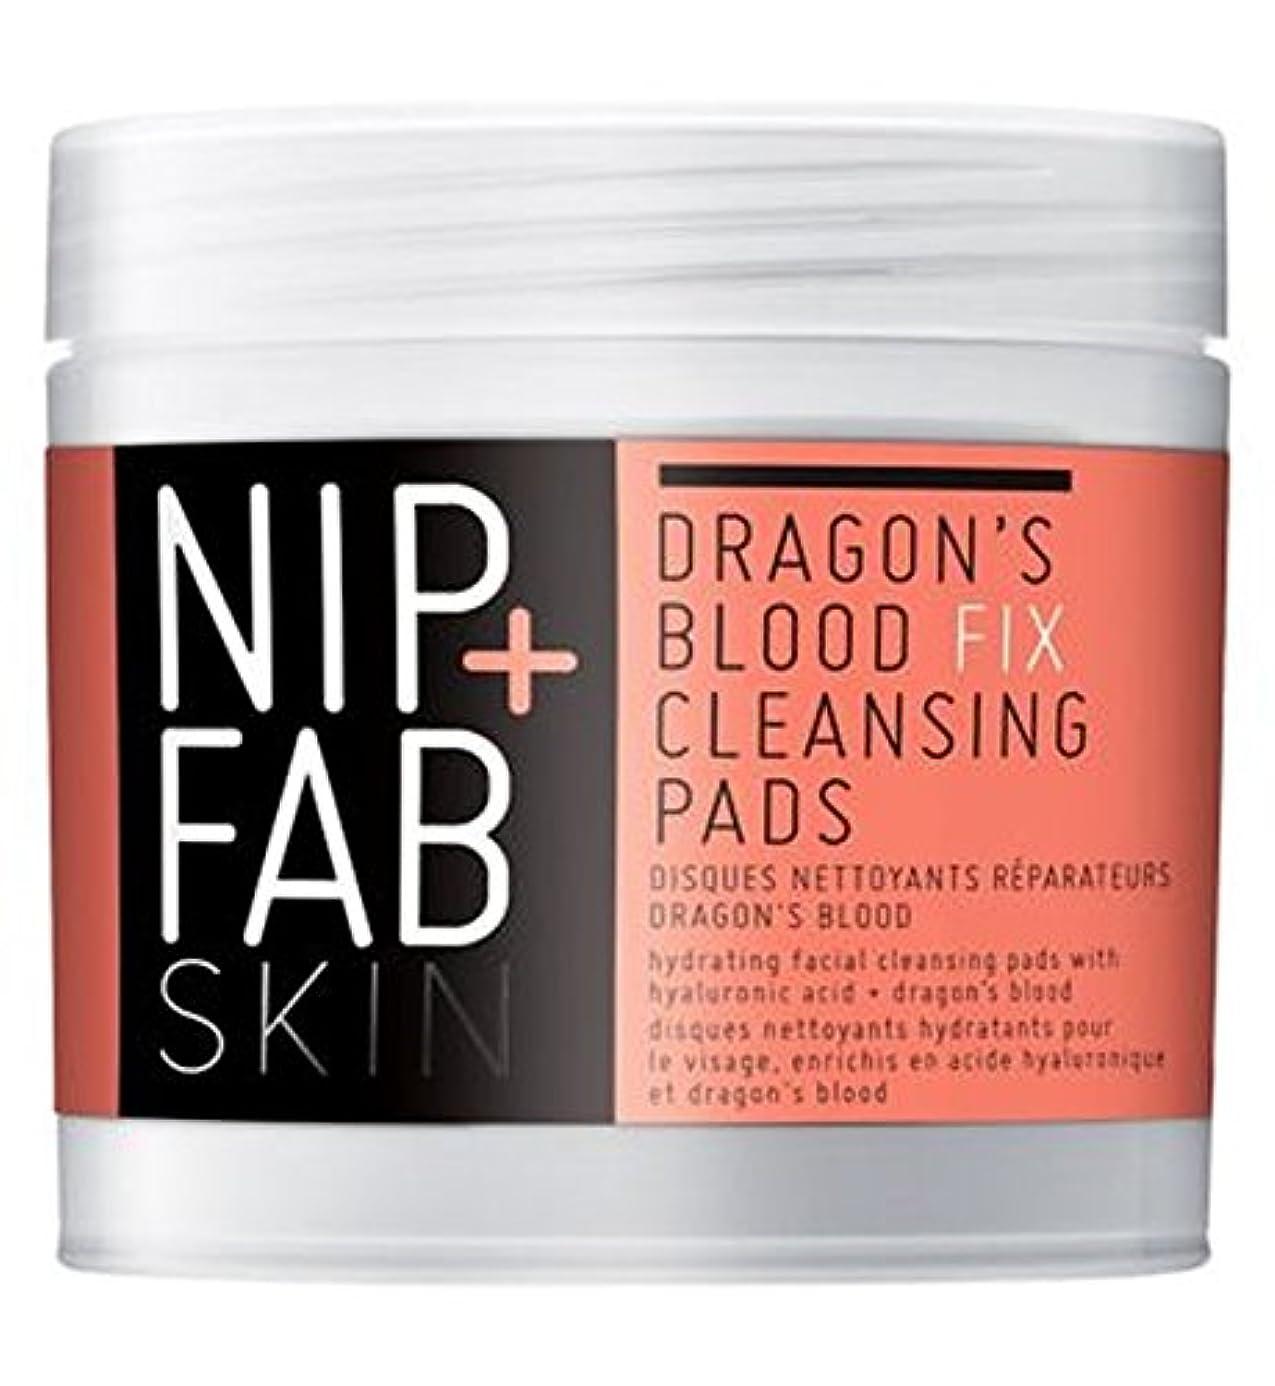 卒業気分が悪いのぞき穴+ファブ竜の血修正パッド80ミリリットルニップ (Nip & Fab) (x2) - Nip+Fab Dragons Blood Fix Pads 80ml (Pack of 2) [並行輸入品]